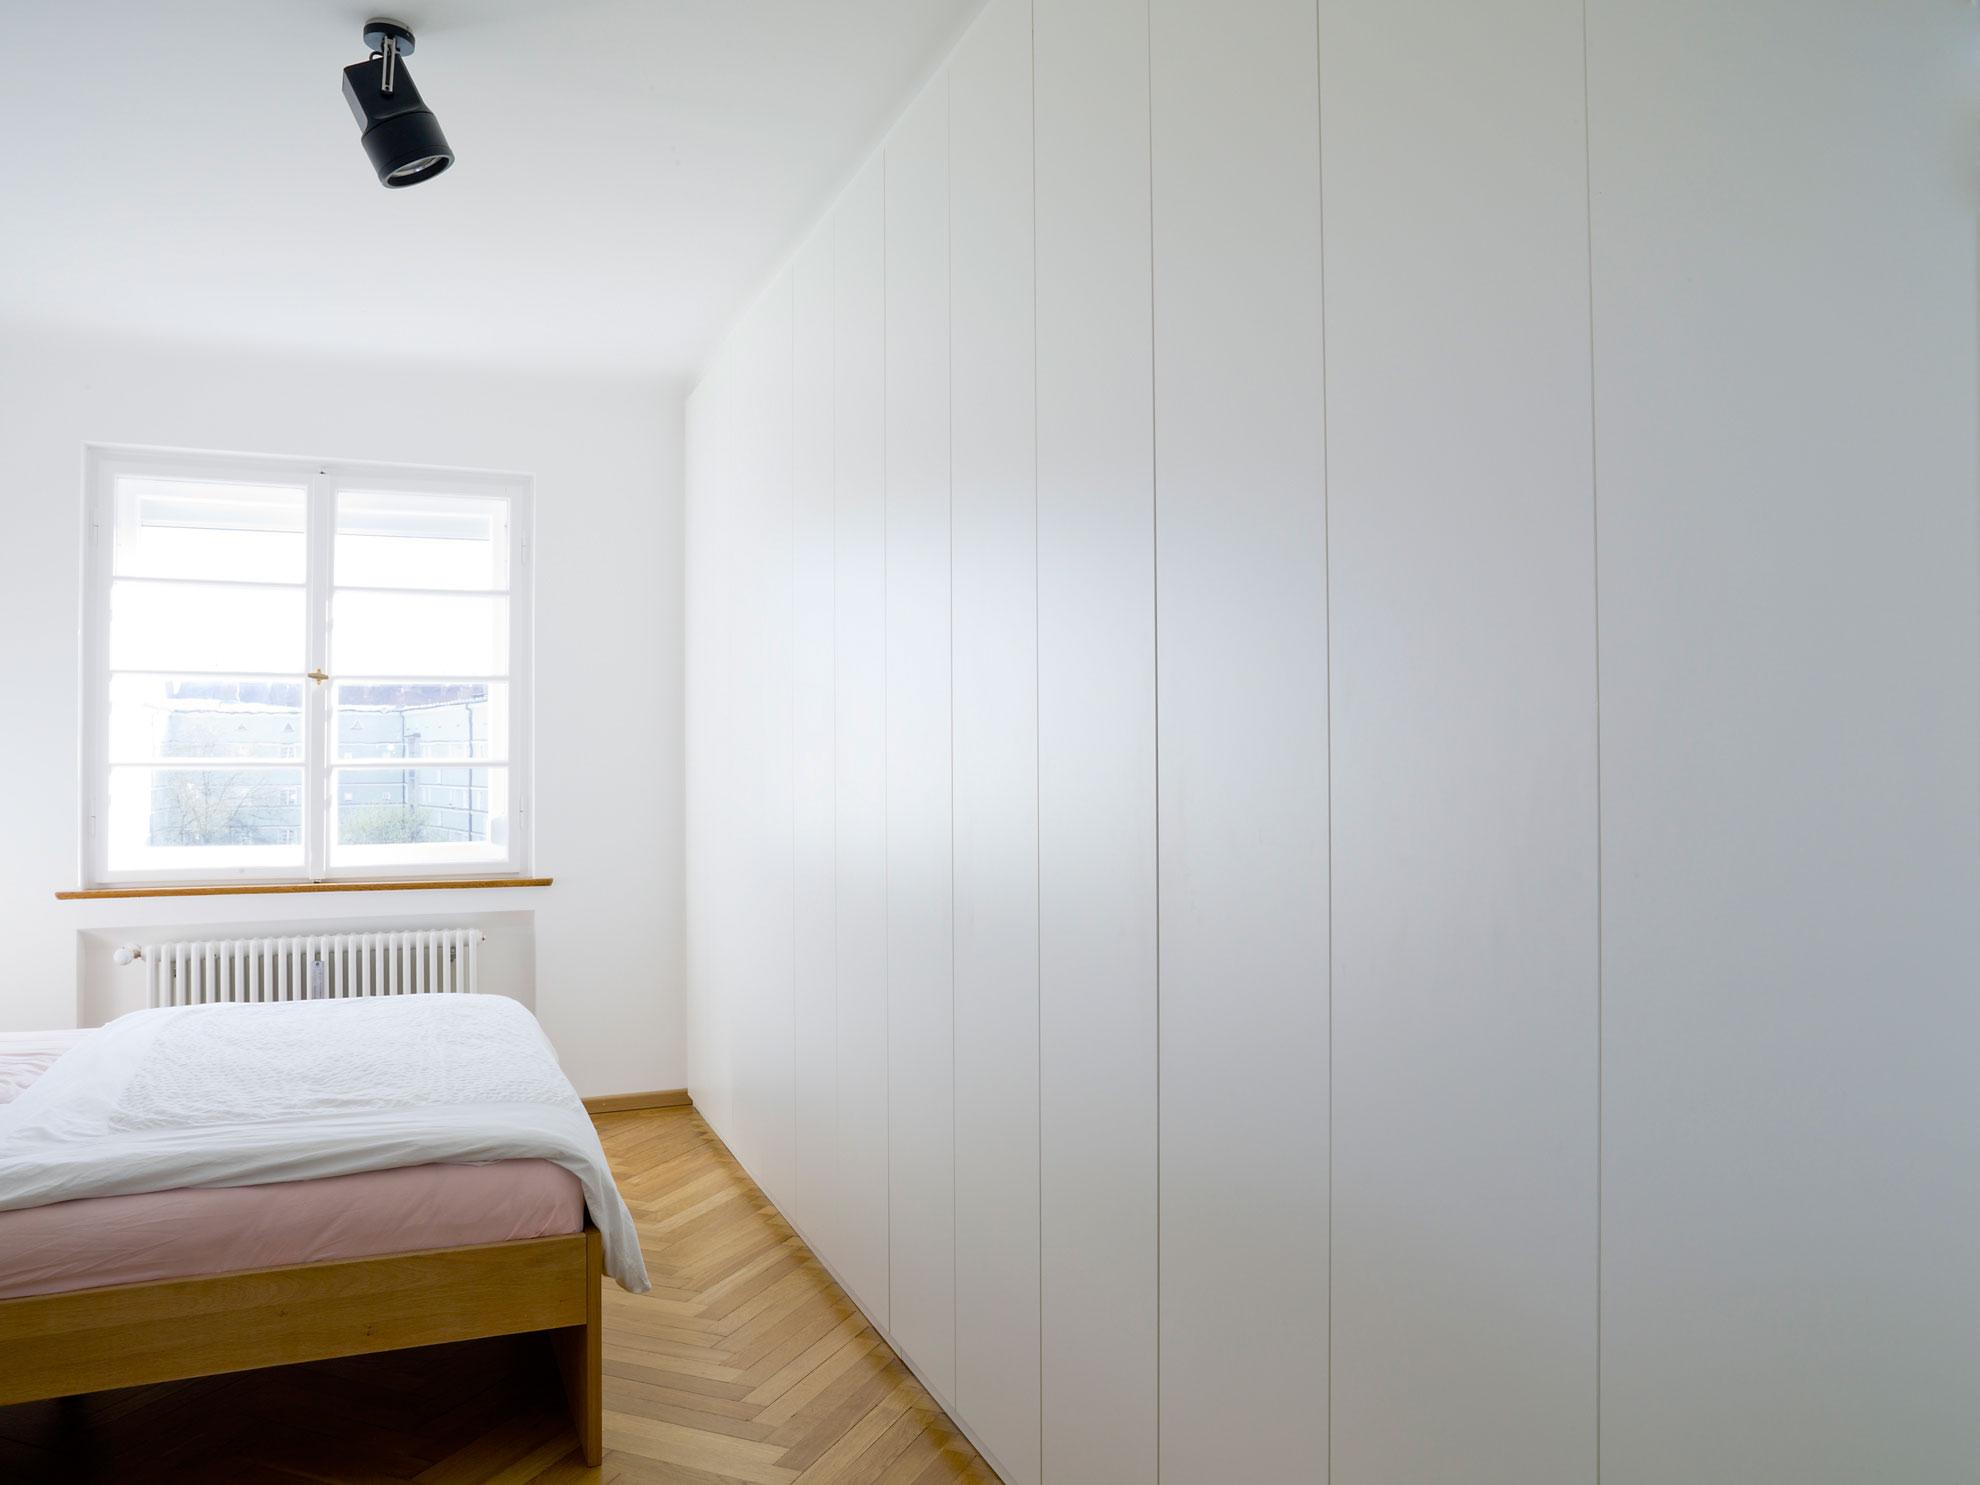 einbauschrank. Black Bedroom Furniture Sets. Home Design Ideas